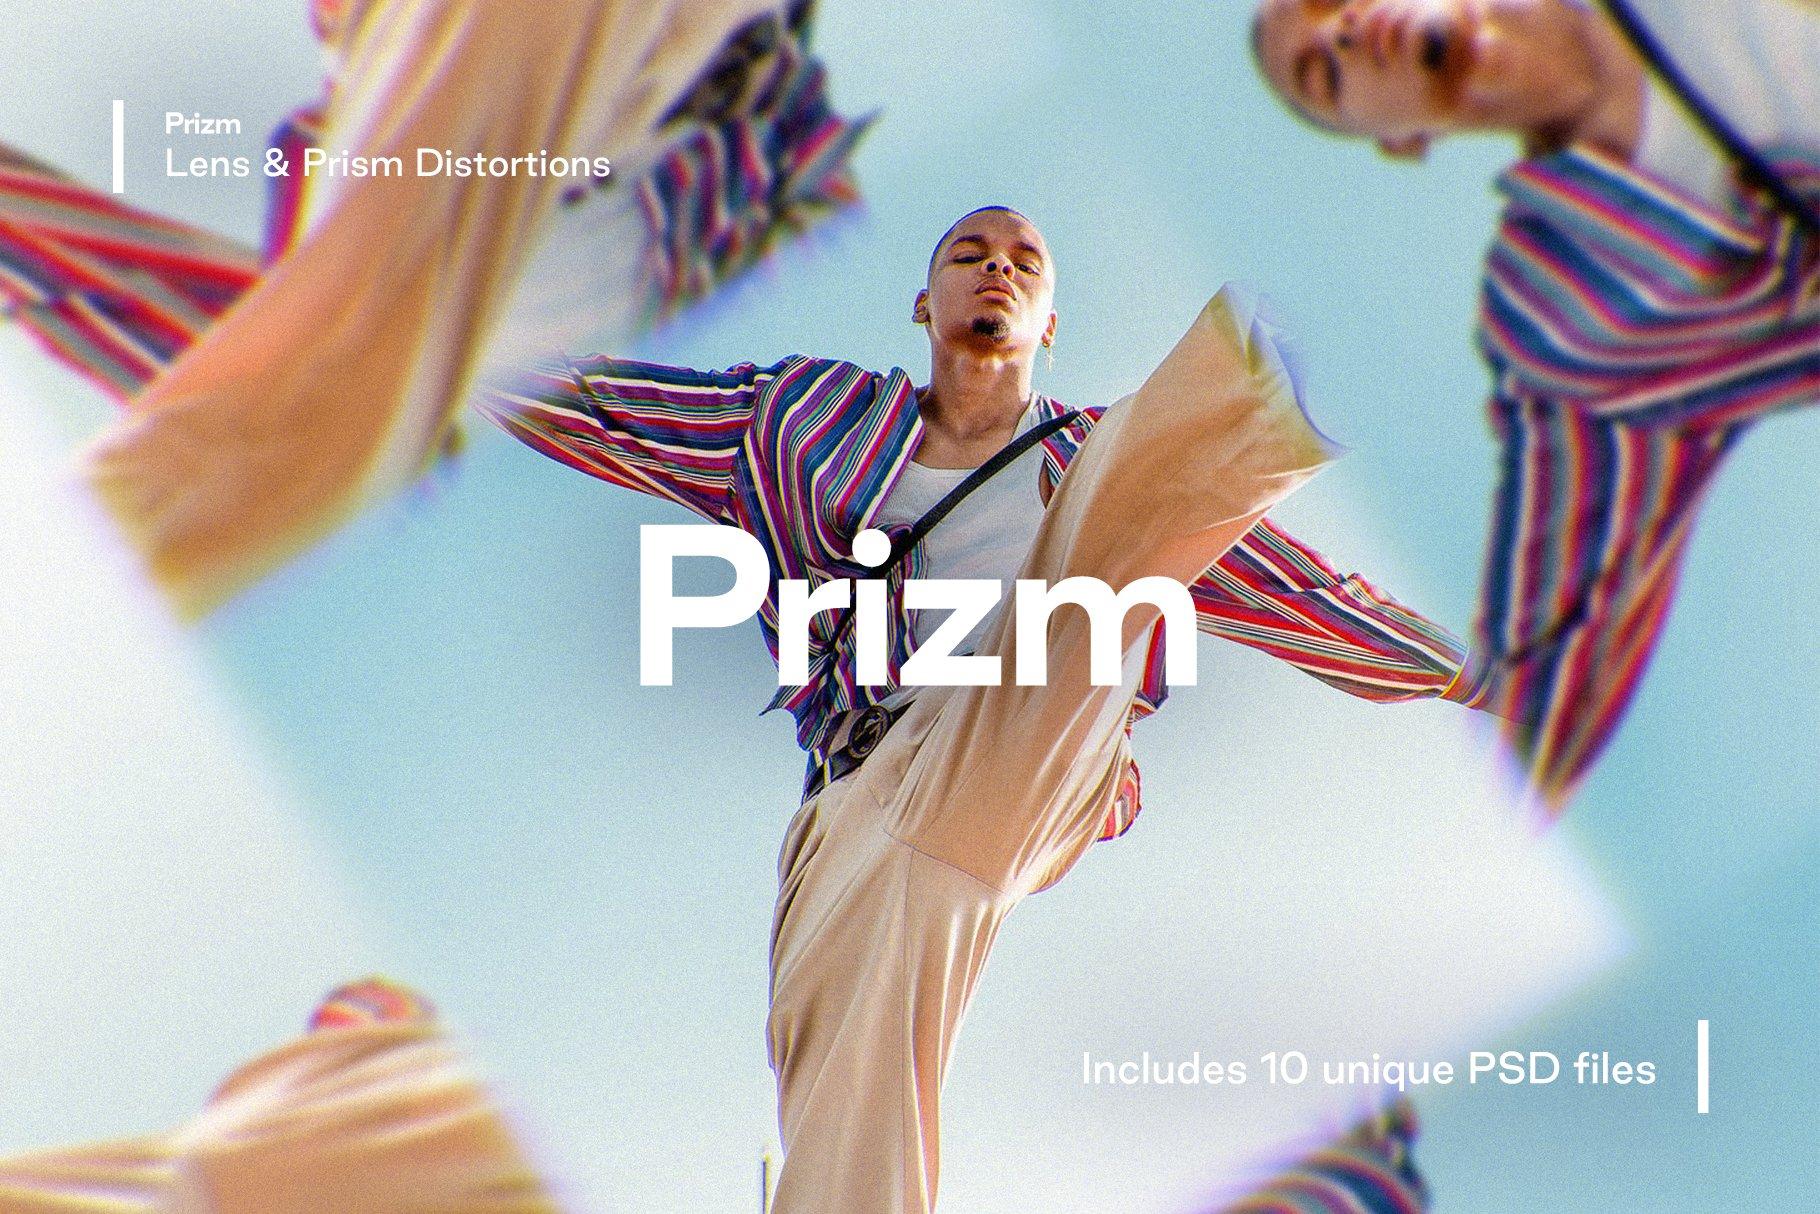 梦幻抽象艺术万花筒棱镜玻璃反射特效滤镜PS样式模板 Prizm – Lens & Prism Distortions插图